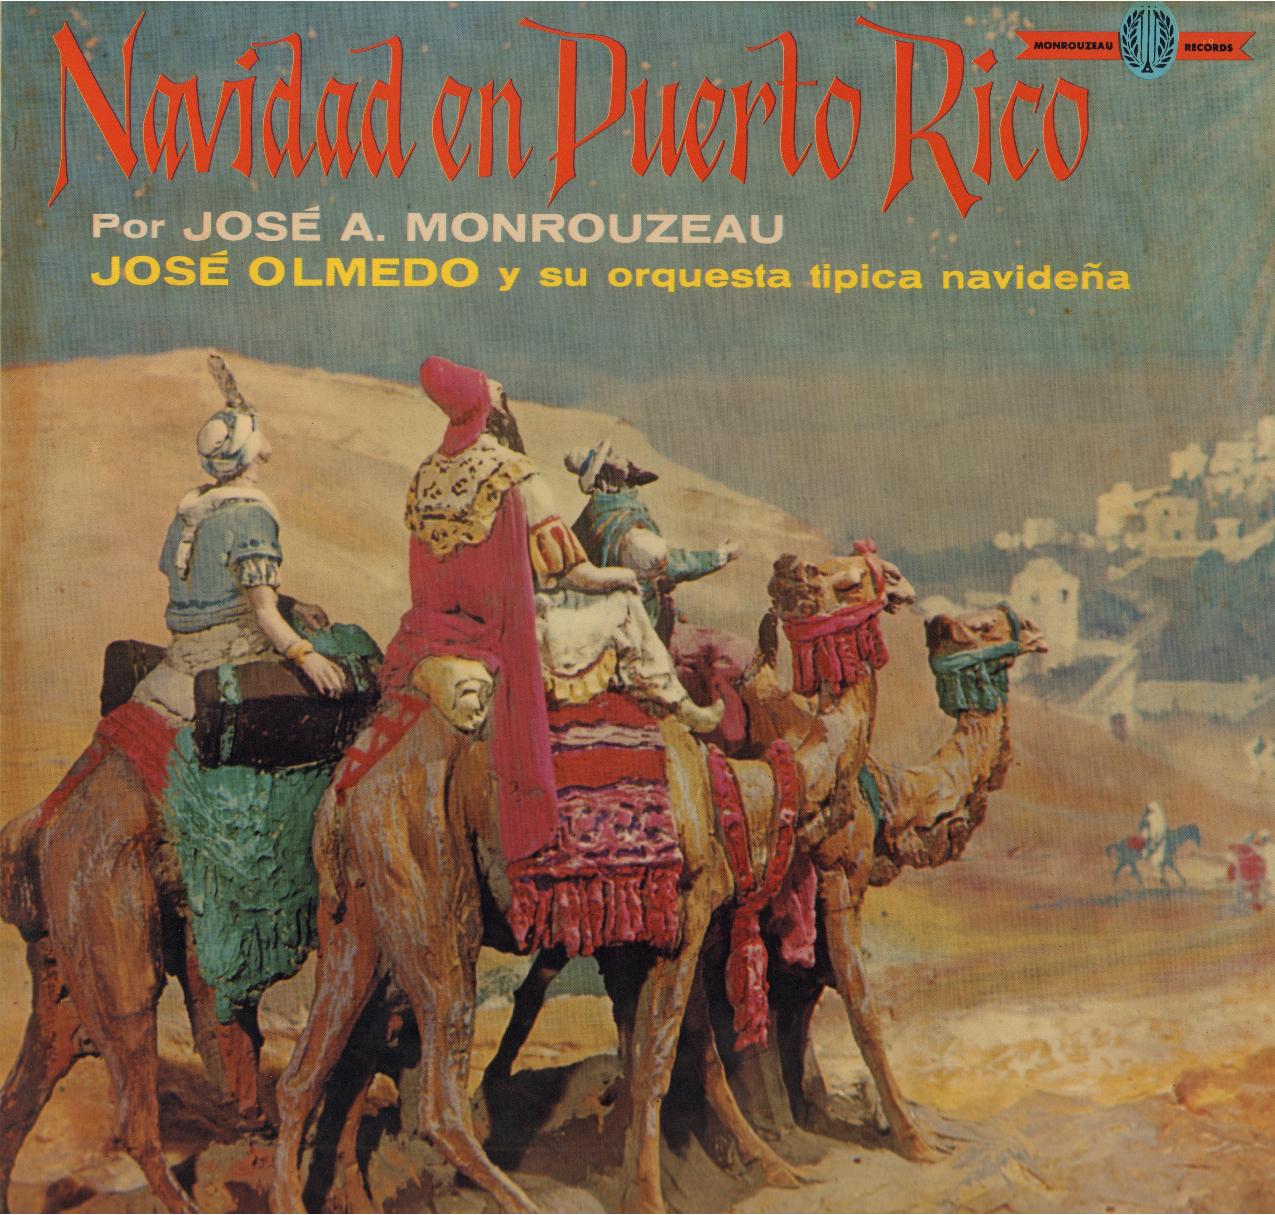 Navidad en Puerto Rico - José A. Monrouzeau